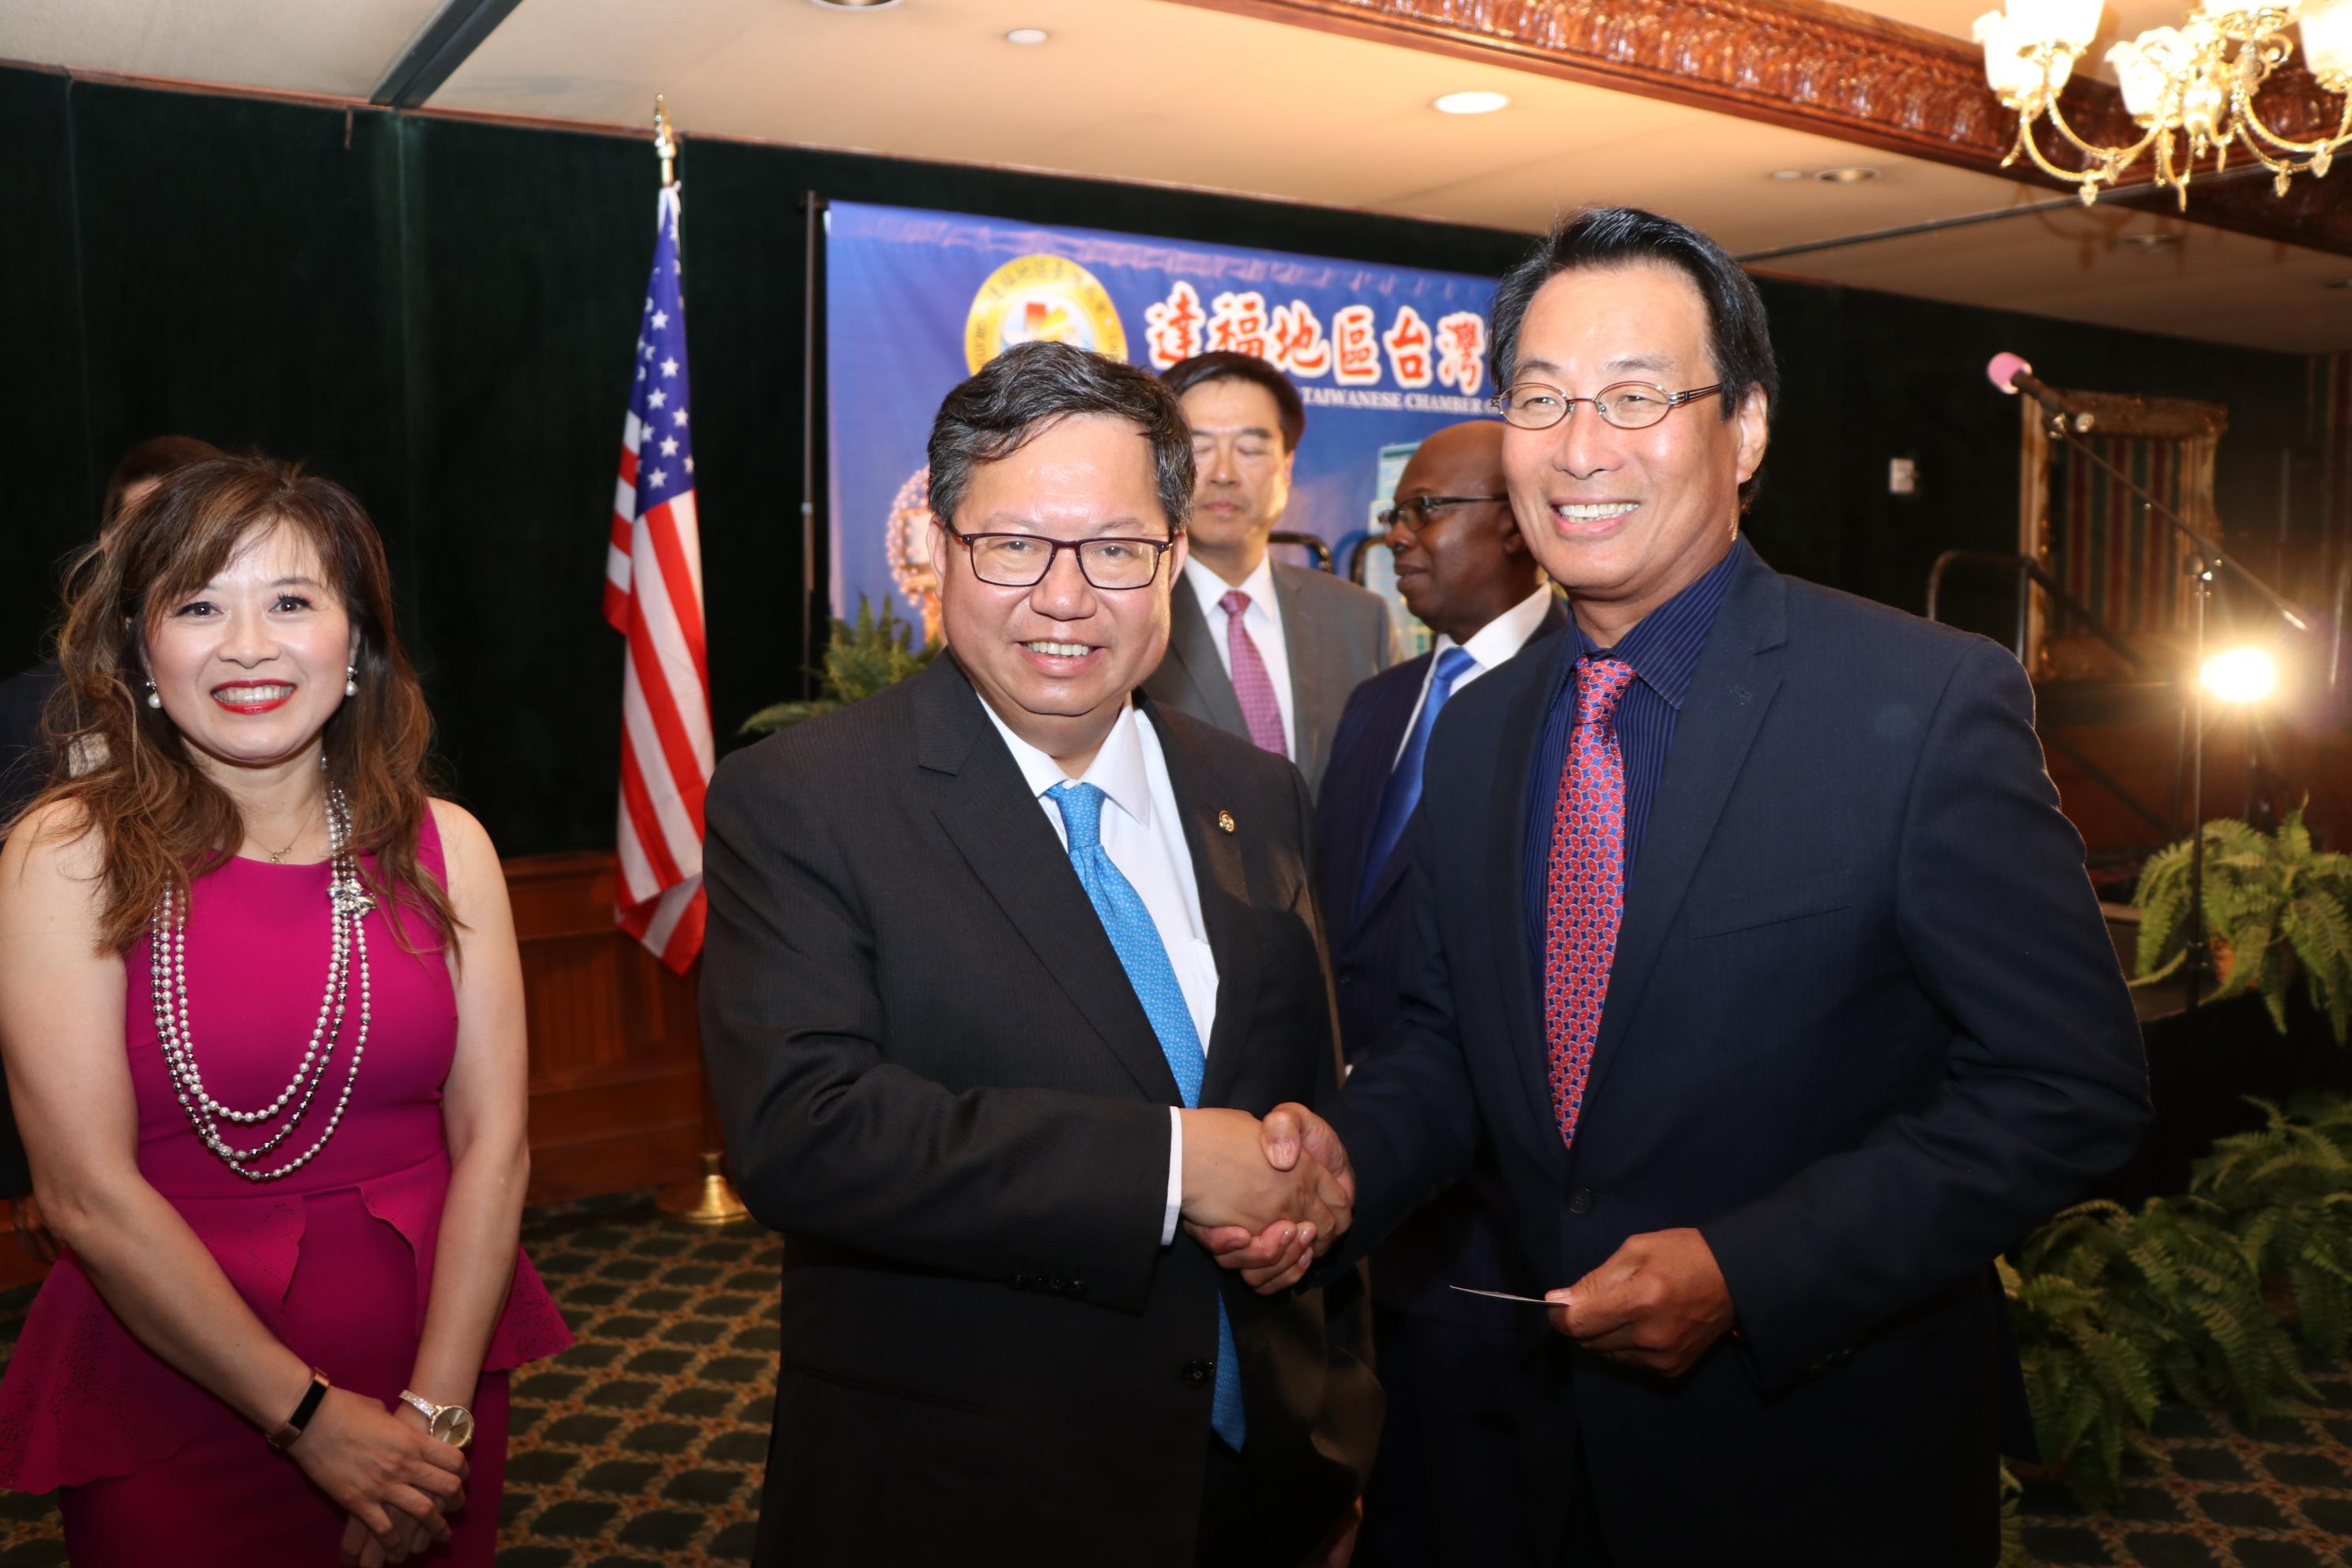 艾迪森市長周建源(右)與桃園市長鄭文燦相見歡,左為達福台商會會長陳文珊。